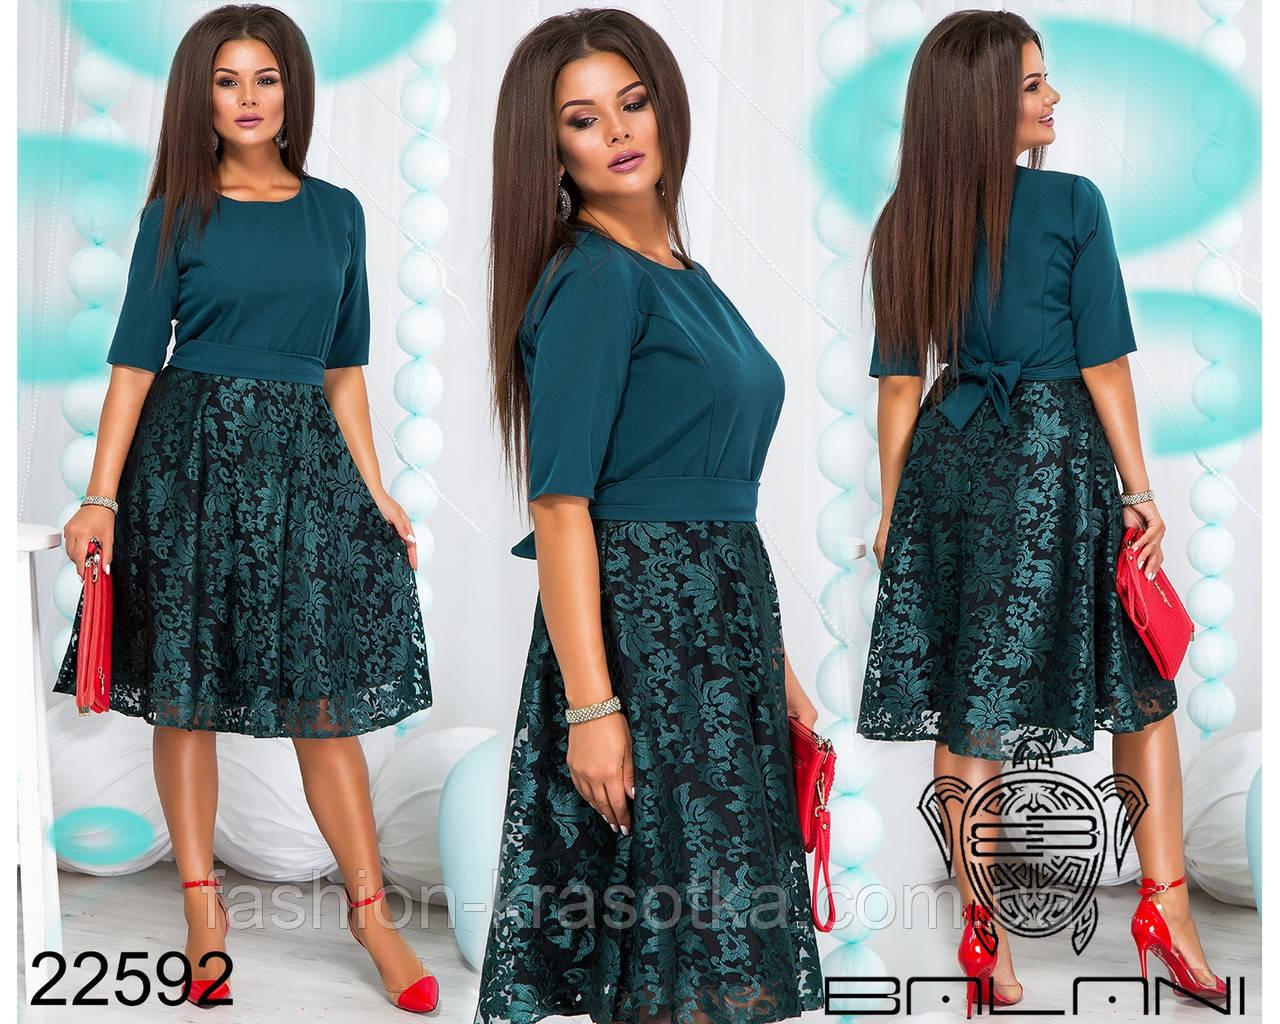 Платье вечернее женское,размеры 48,50,52,54 ткань верх - костюмка, низ- стрейч сетка с атласной нитью